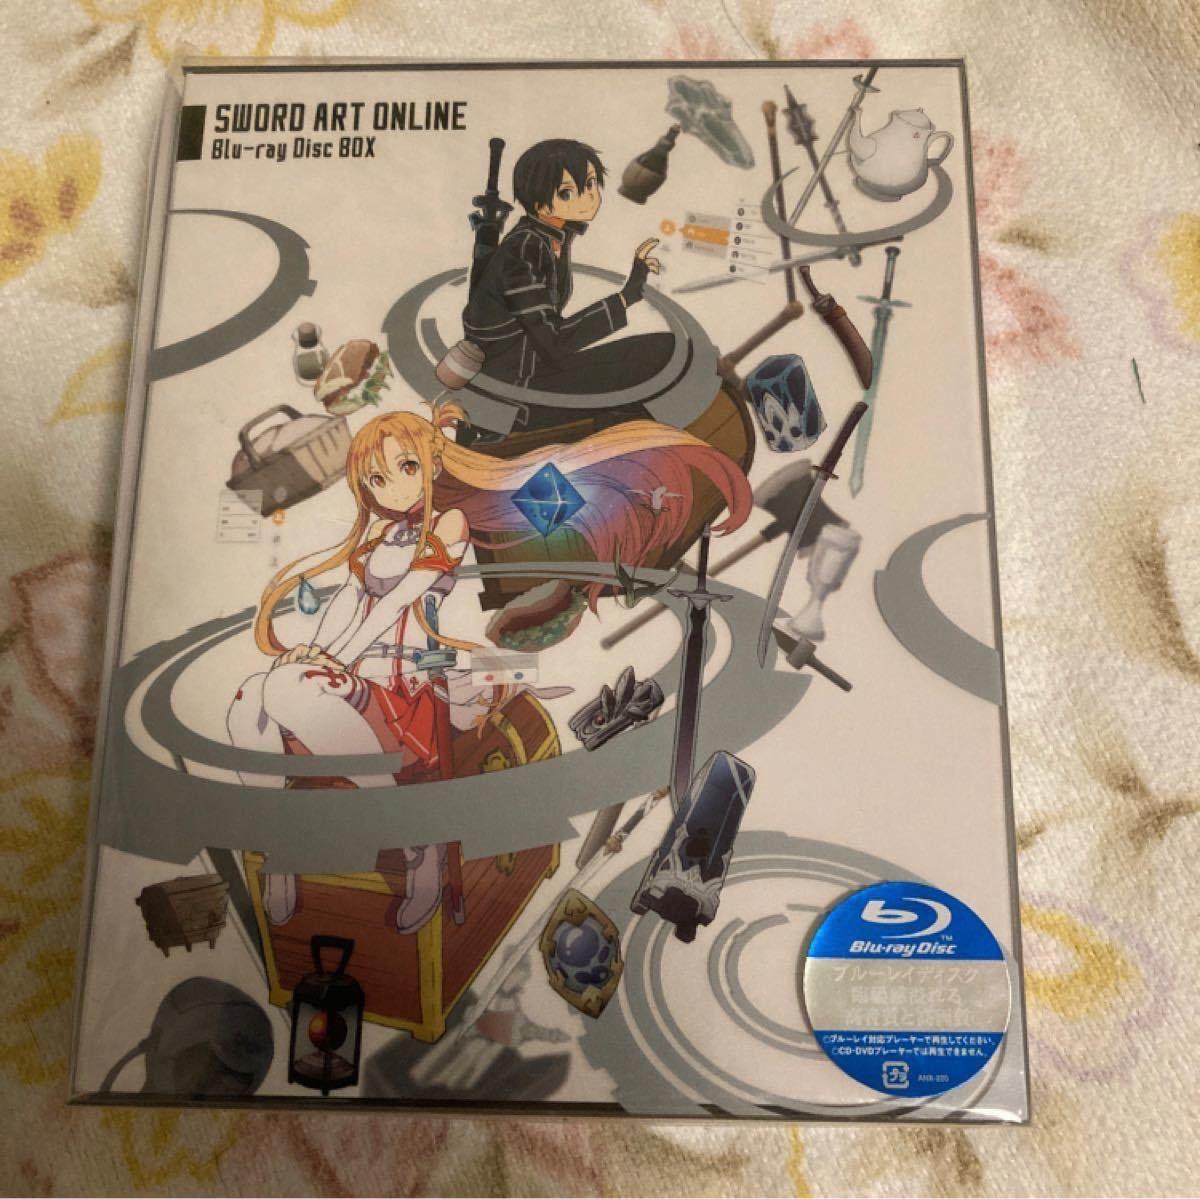 ソードアート・オンライン 1期 Blu-ray BOX SAO 完全生産限定版